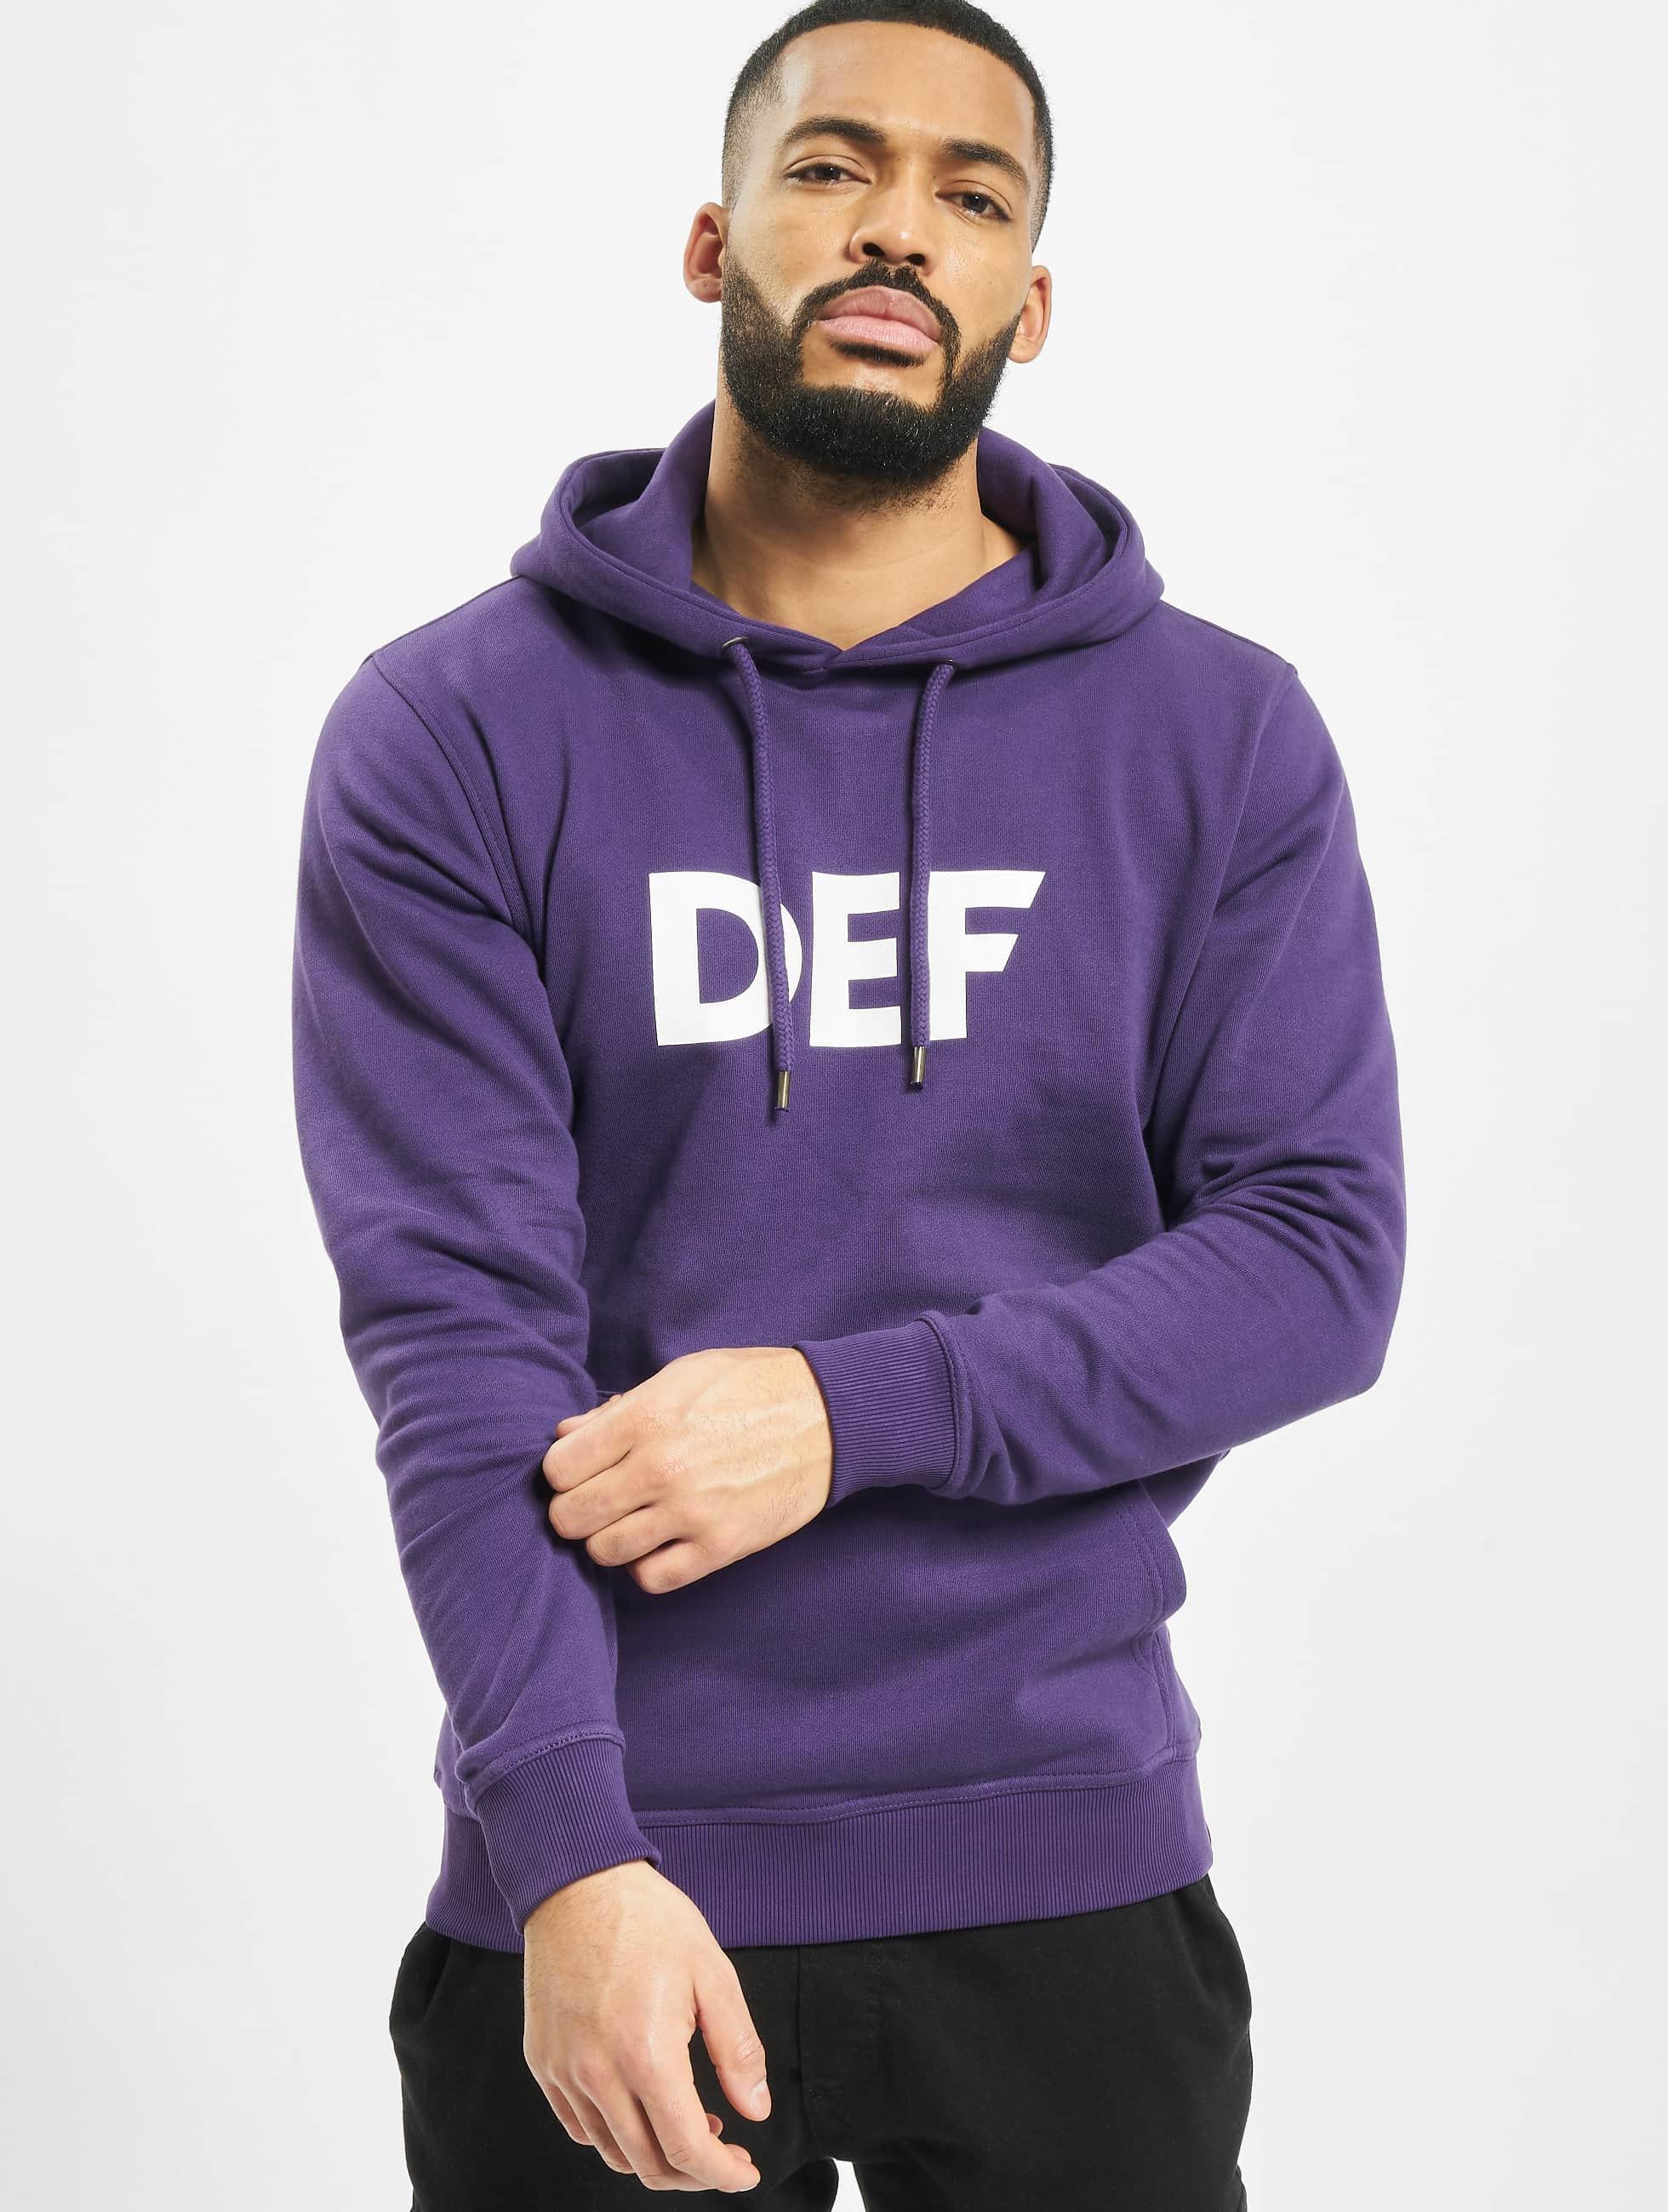 DEF / Hoodie Til Death in purple XL